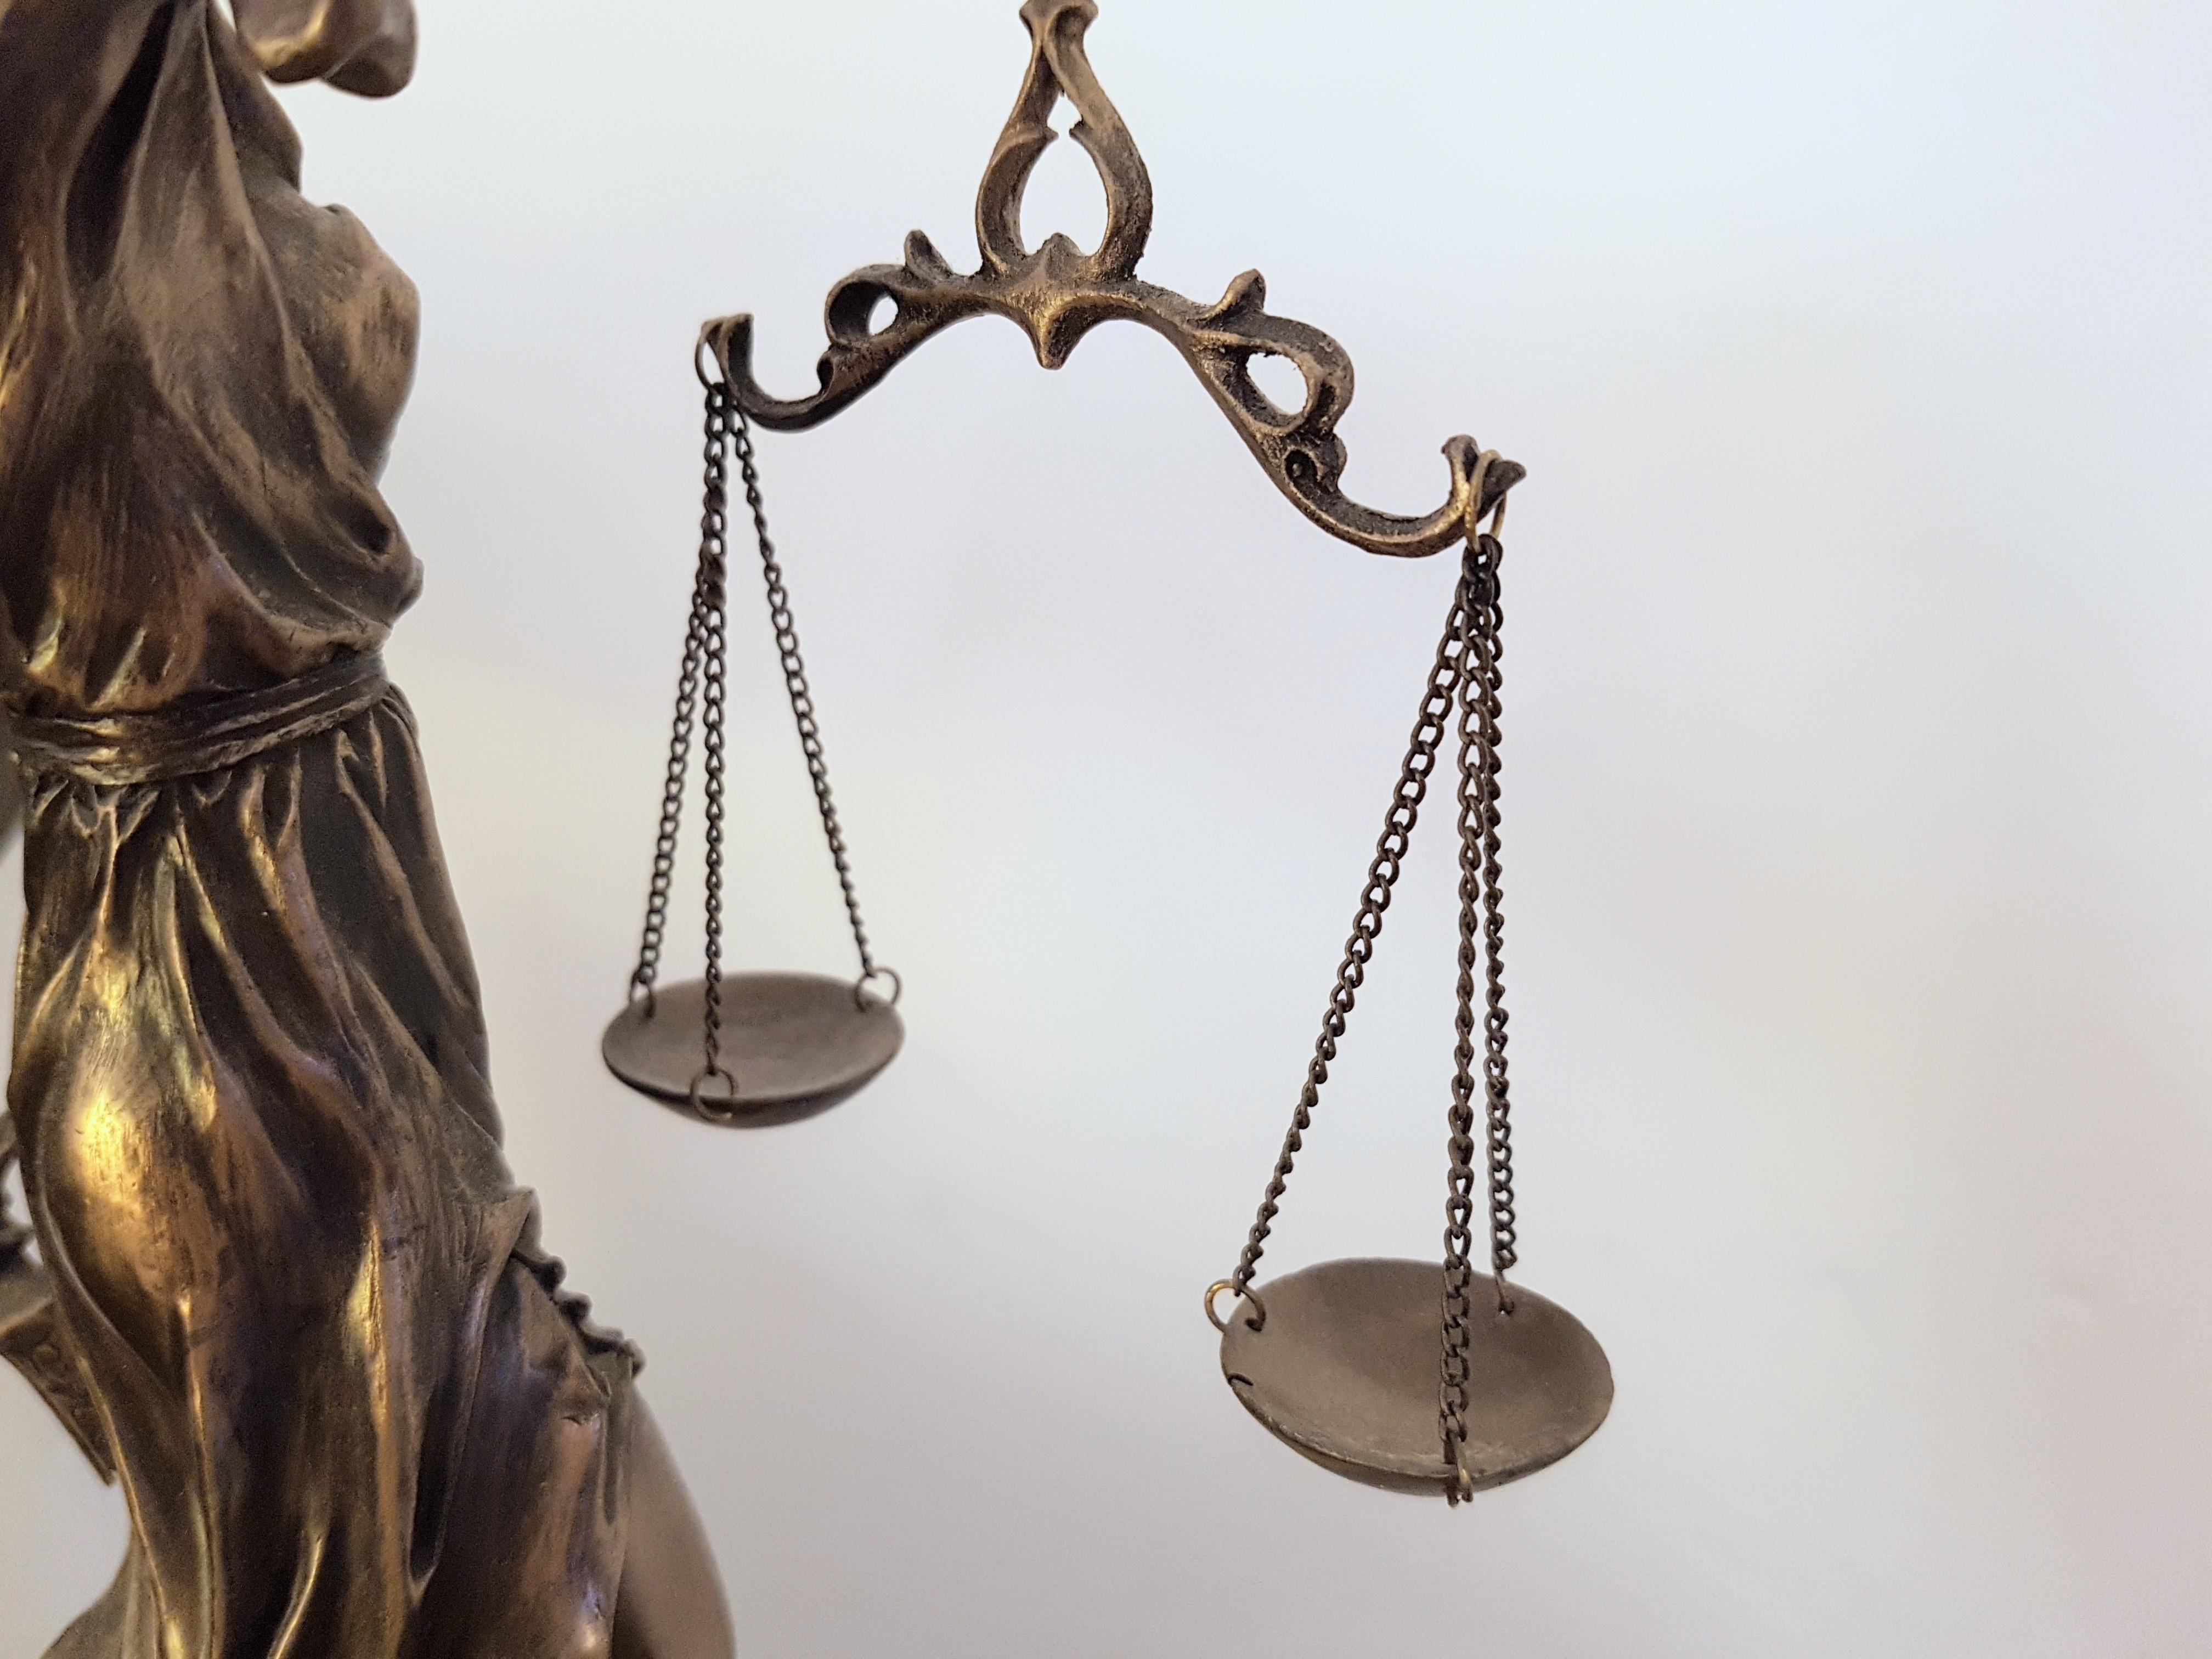 Zu sehen ist teilweise eine Justiziar, das Sinnbild von Recht und Gerechtigkeit, sowie die von ihr gehaltene Waage.